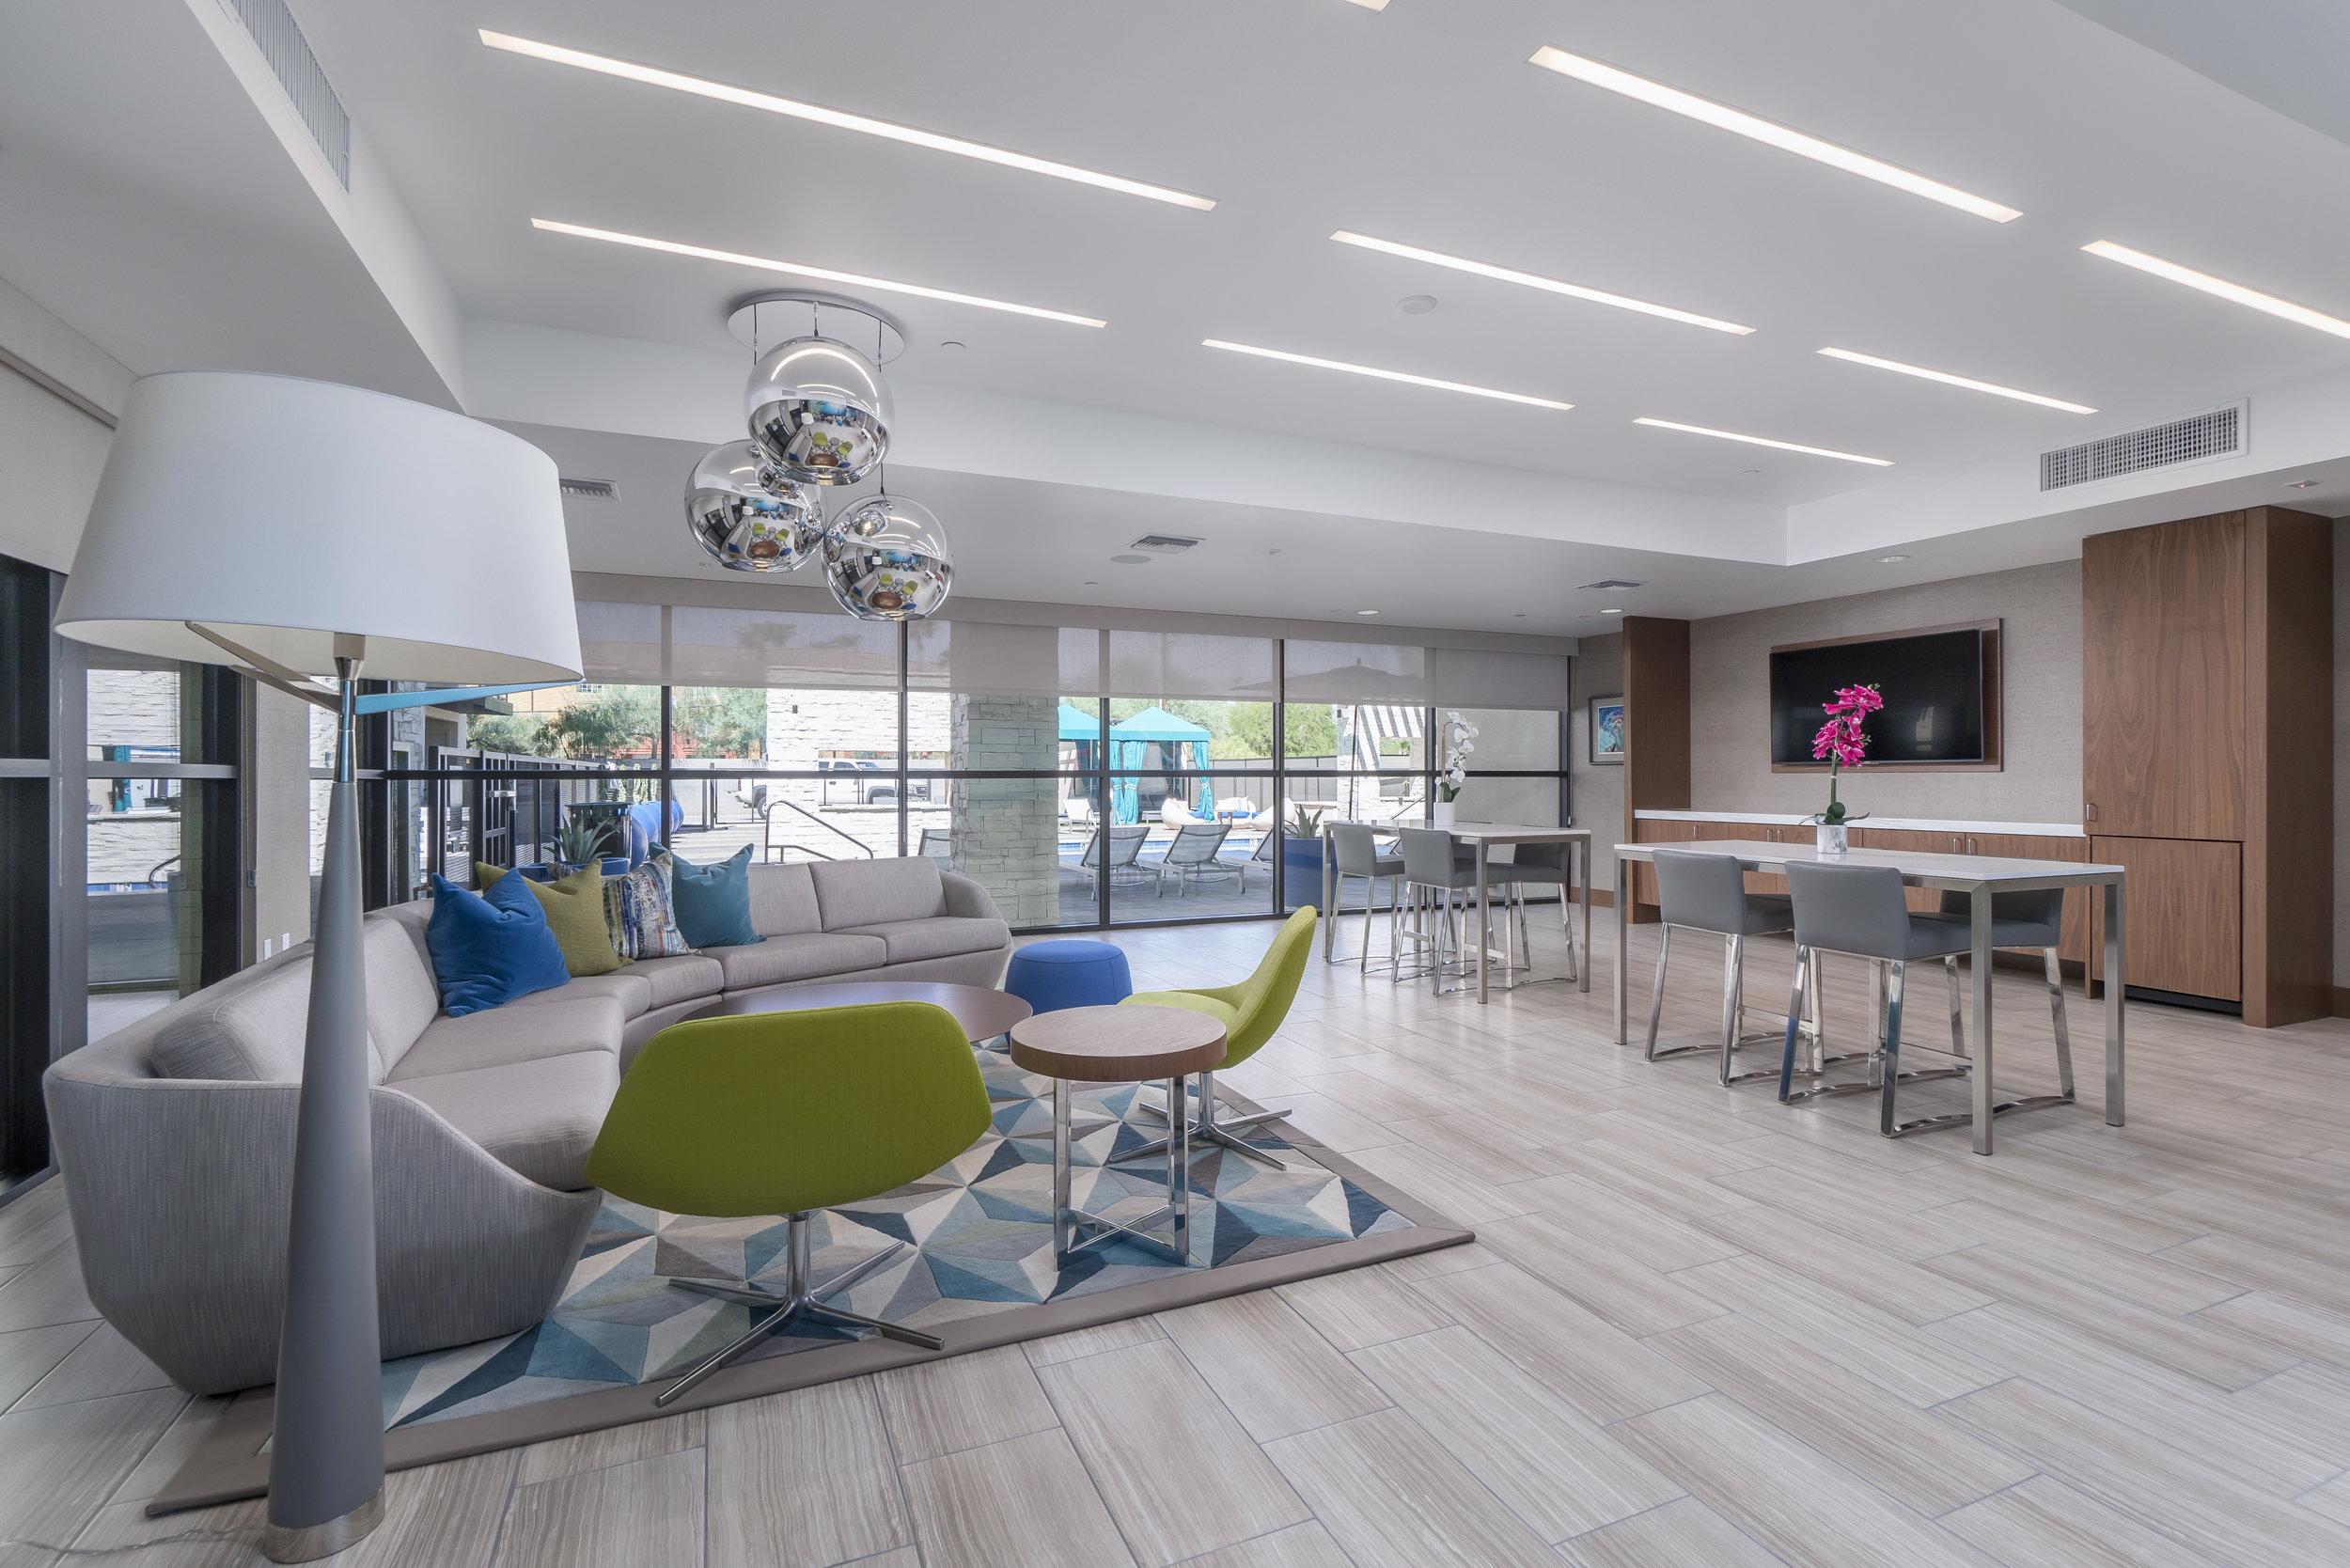 inspire-lounge-area